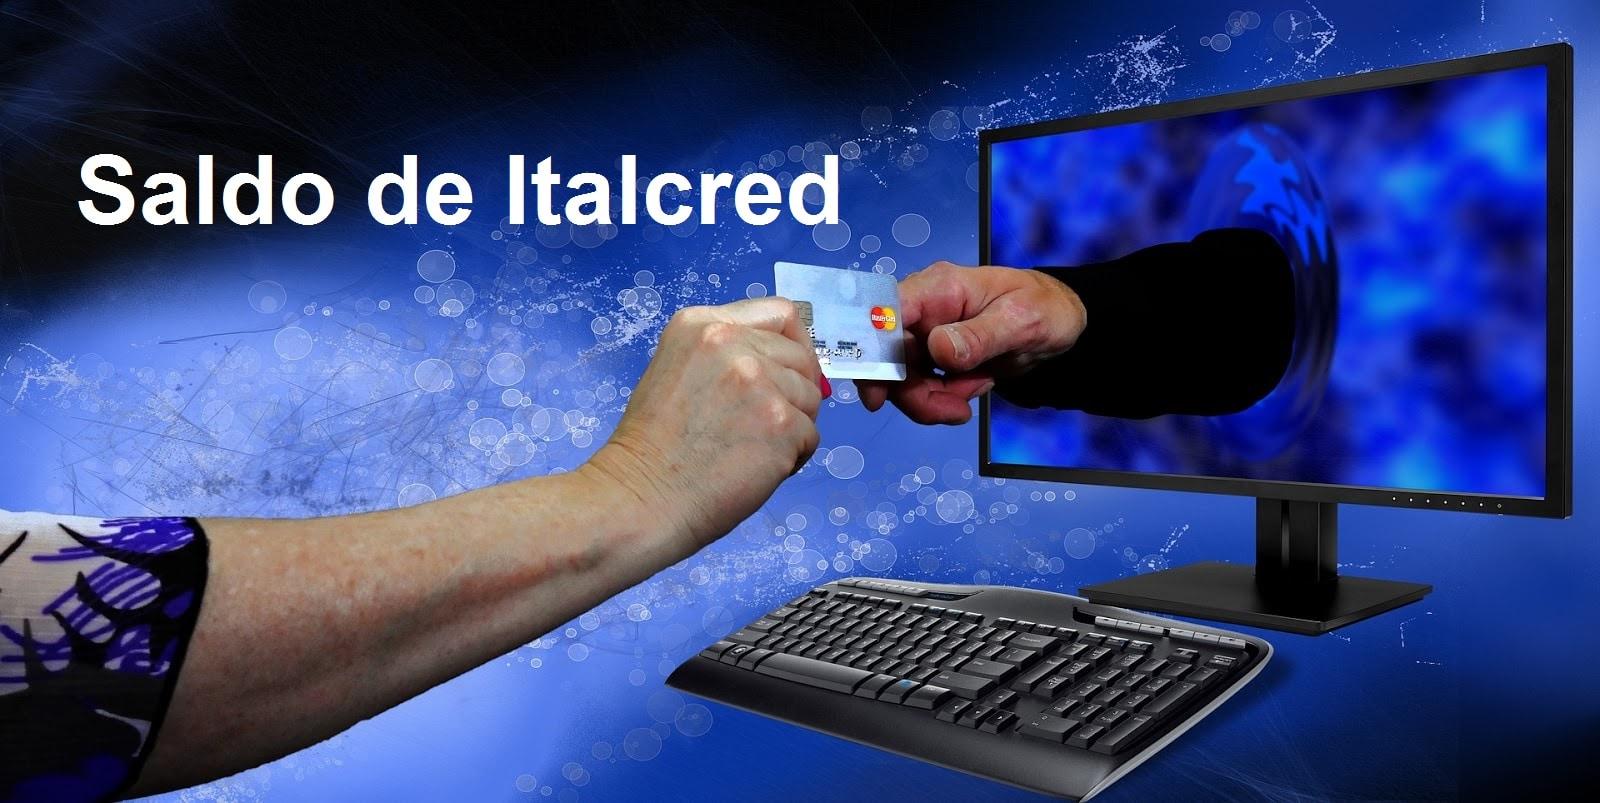 saldo de Italcred